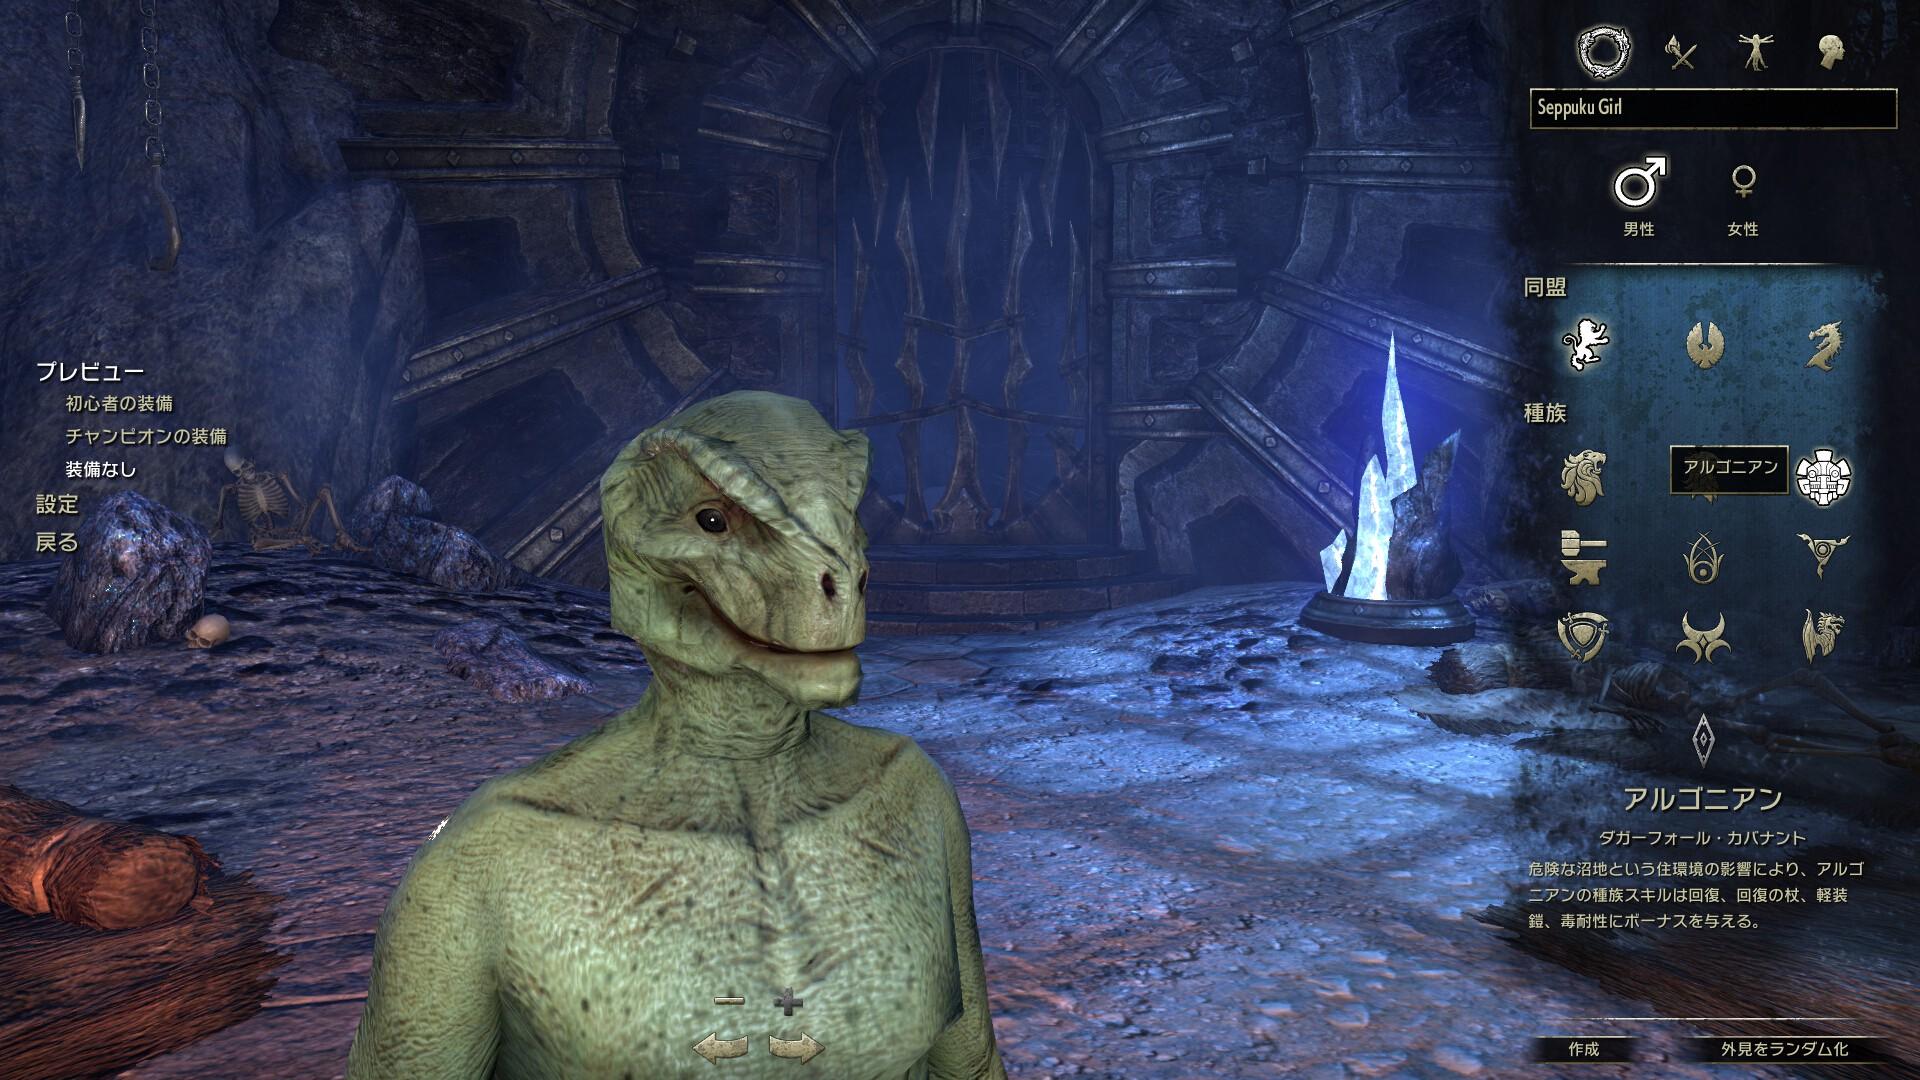 アルゴニアンを選んだけどなんか宇宙人ぽくなった。エルフ系なら頑張れば美人にできるらしい